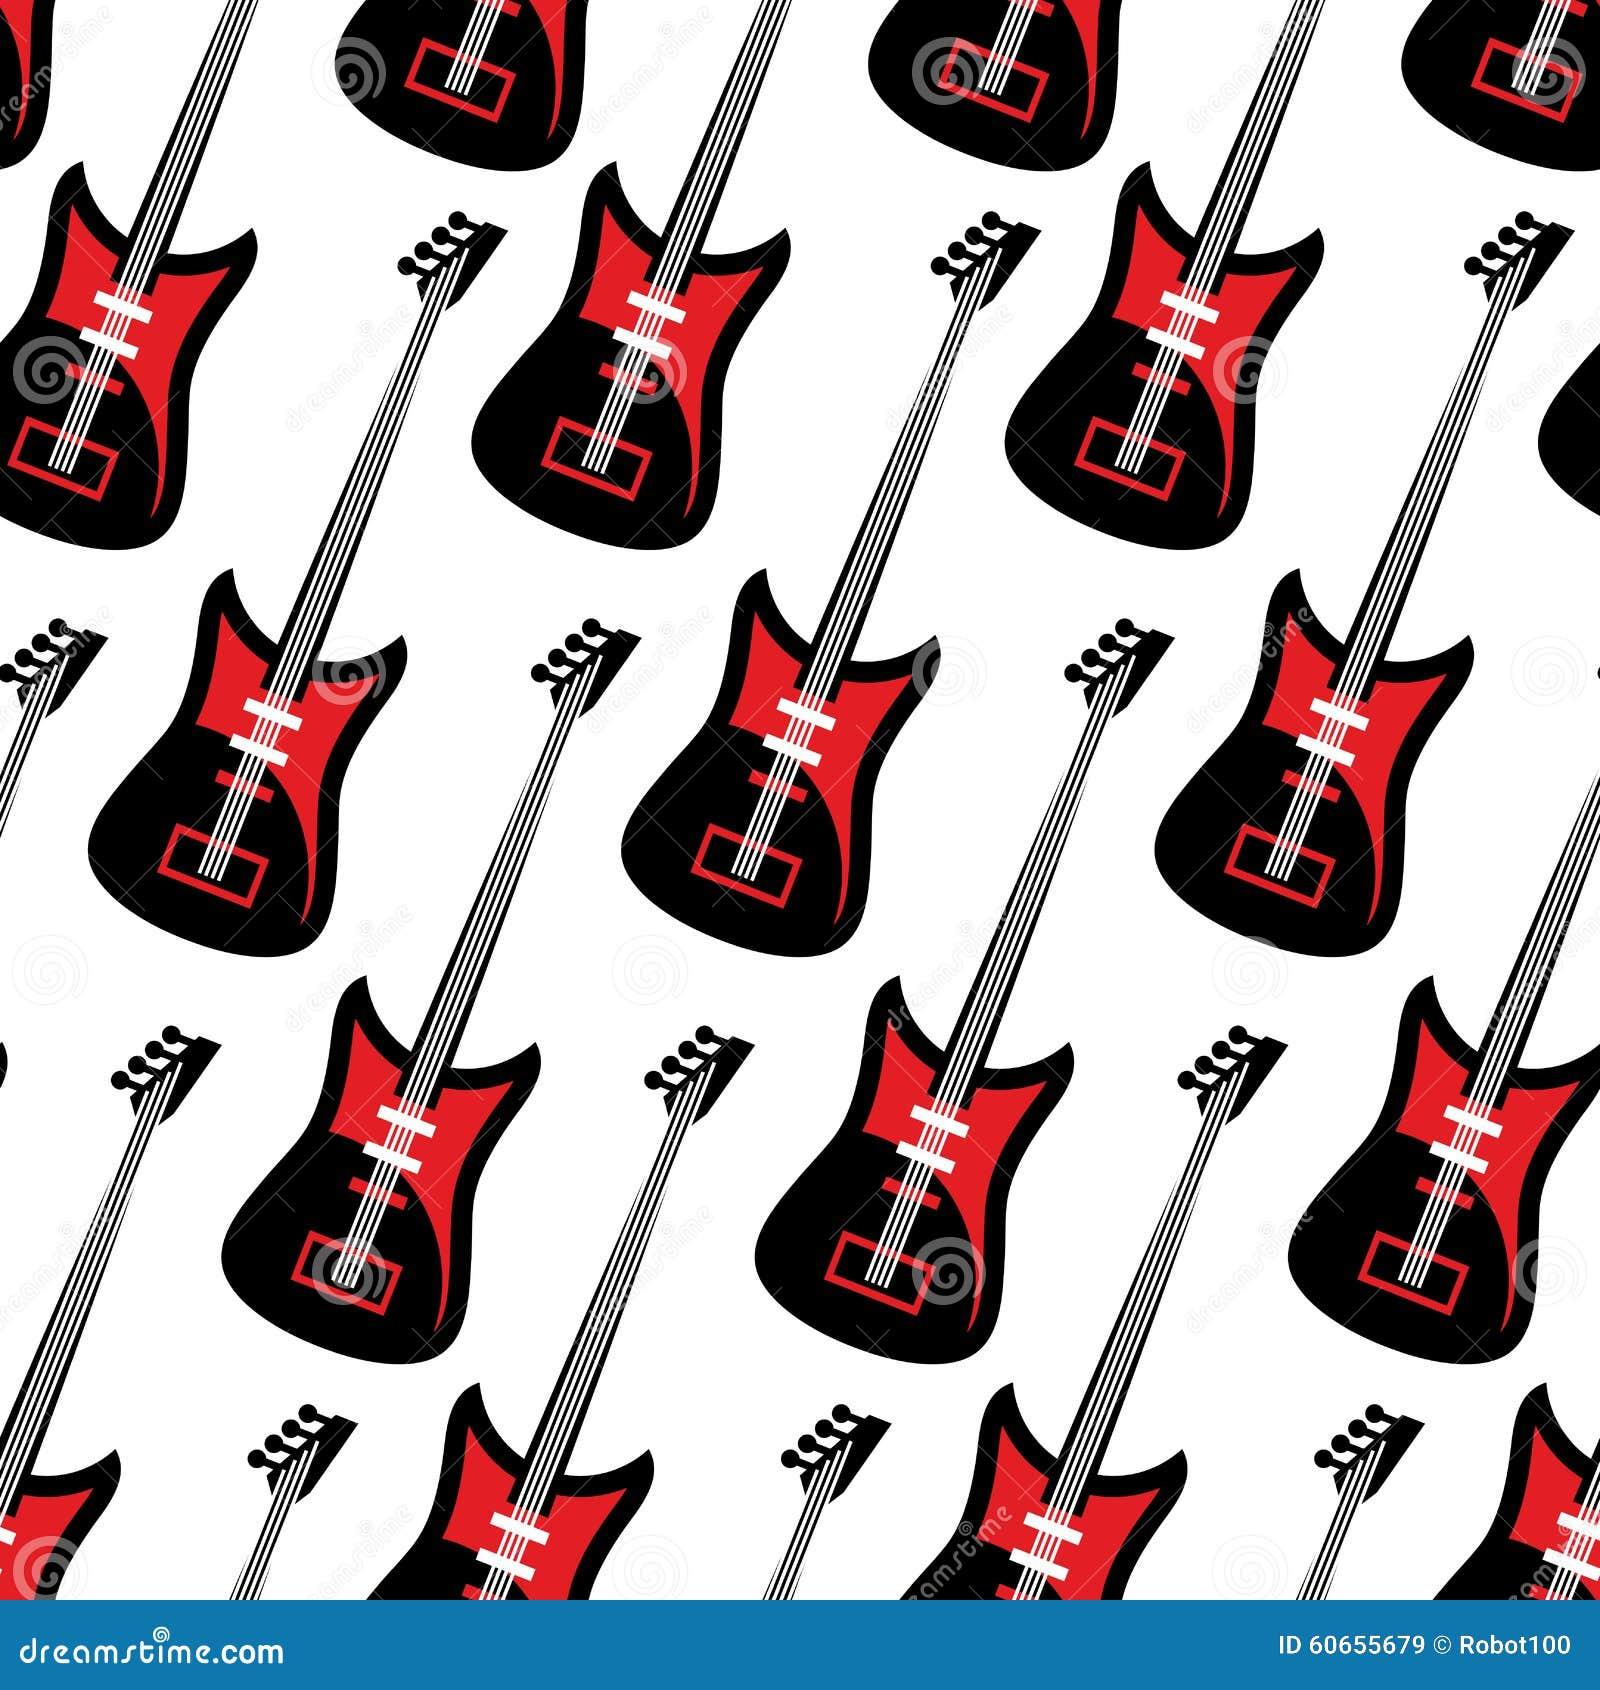 Guitar Seamless Pattern. Electric Guitar Repeating